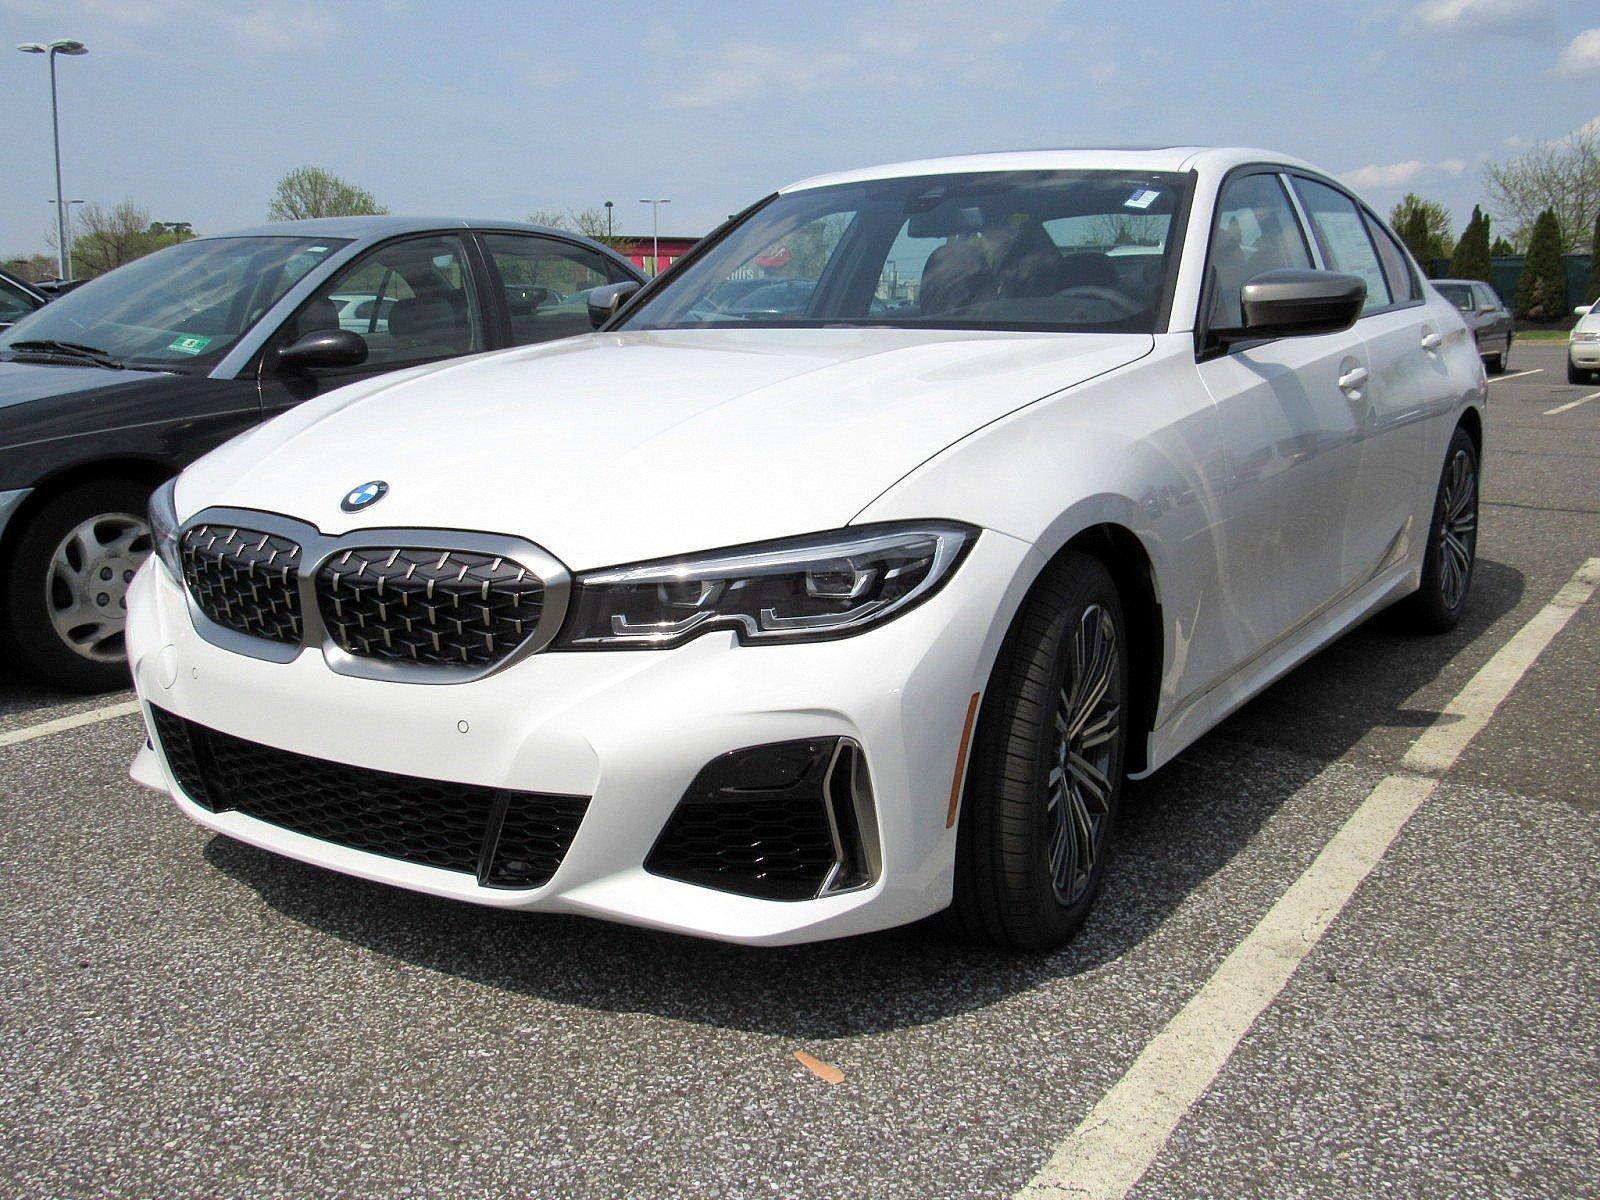 New 2020 Bmw M340i For Sale In Mount Laurel Nj Vin Xdrive